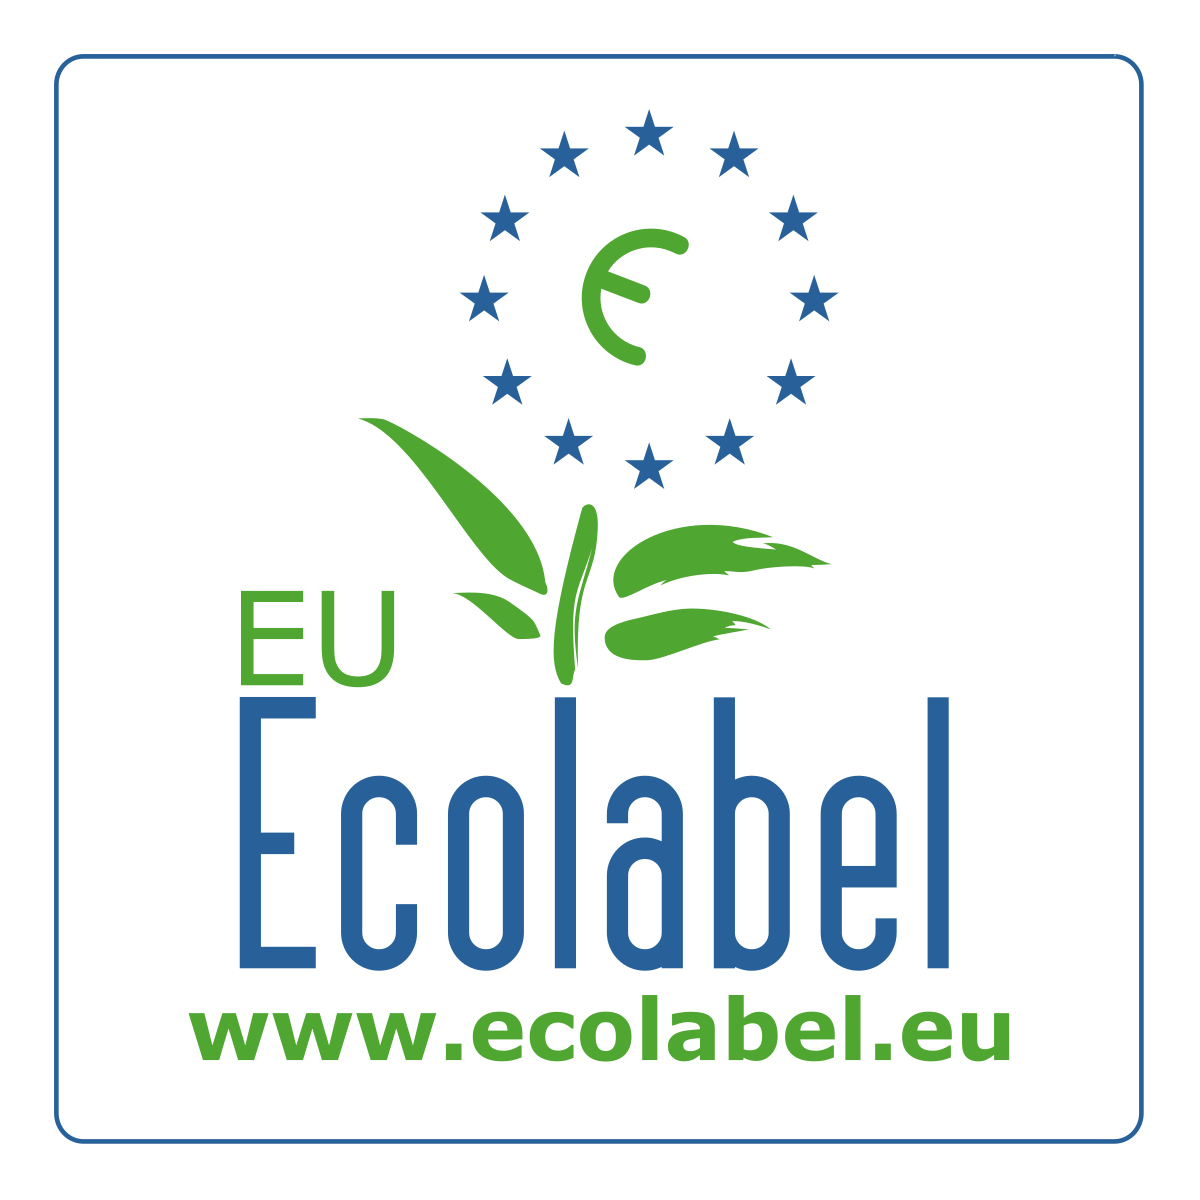 Logo Ecolabel EU